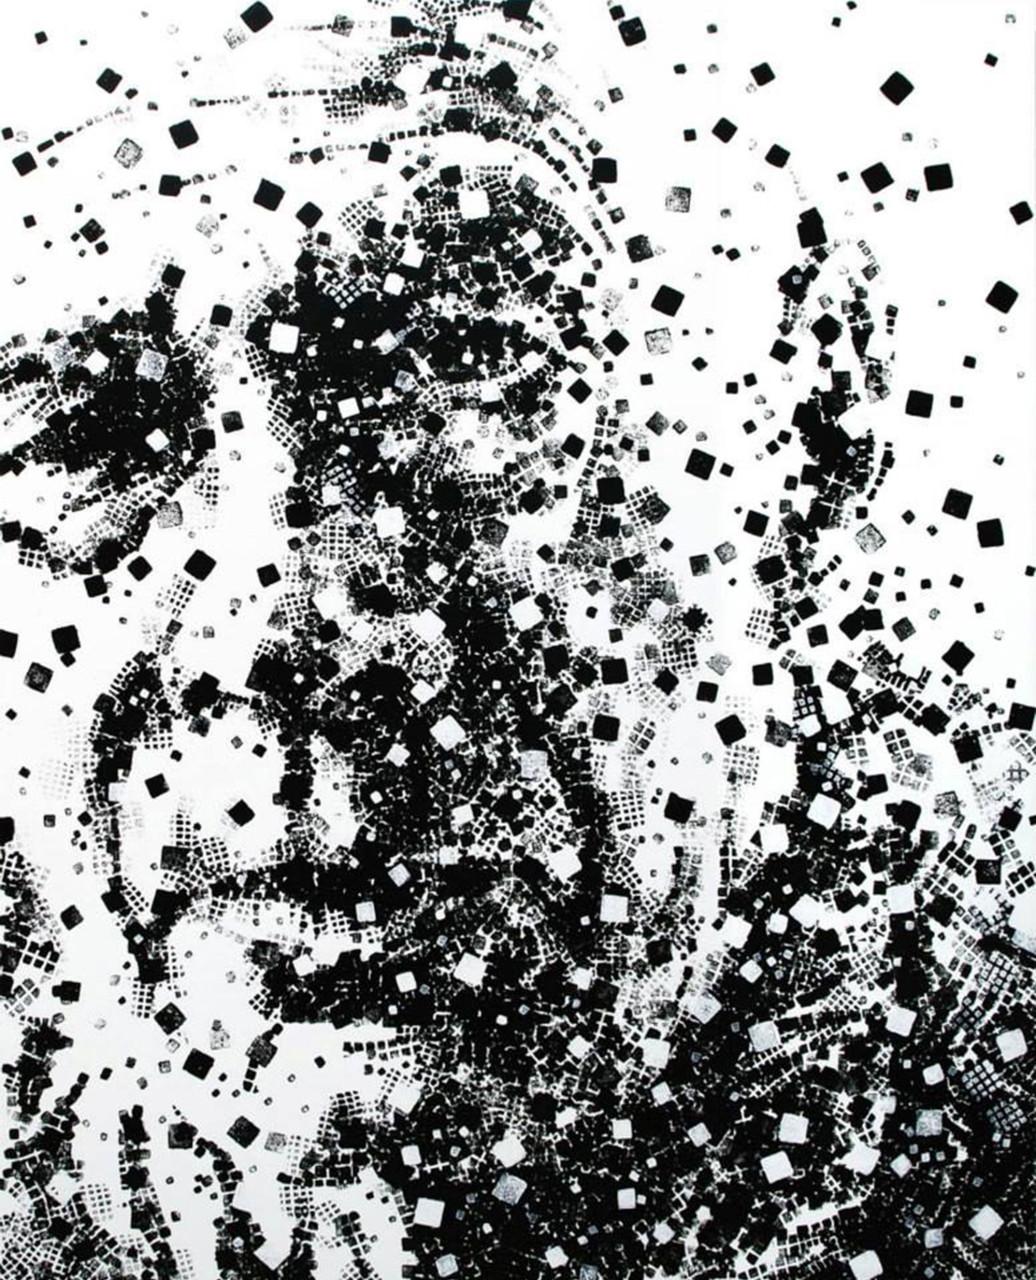 Omaggio a Henry Miller, 2013, acrilico su tela 130x105 cm